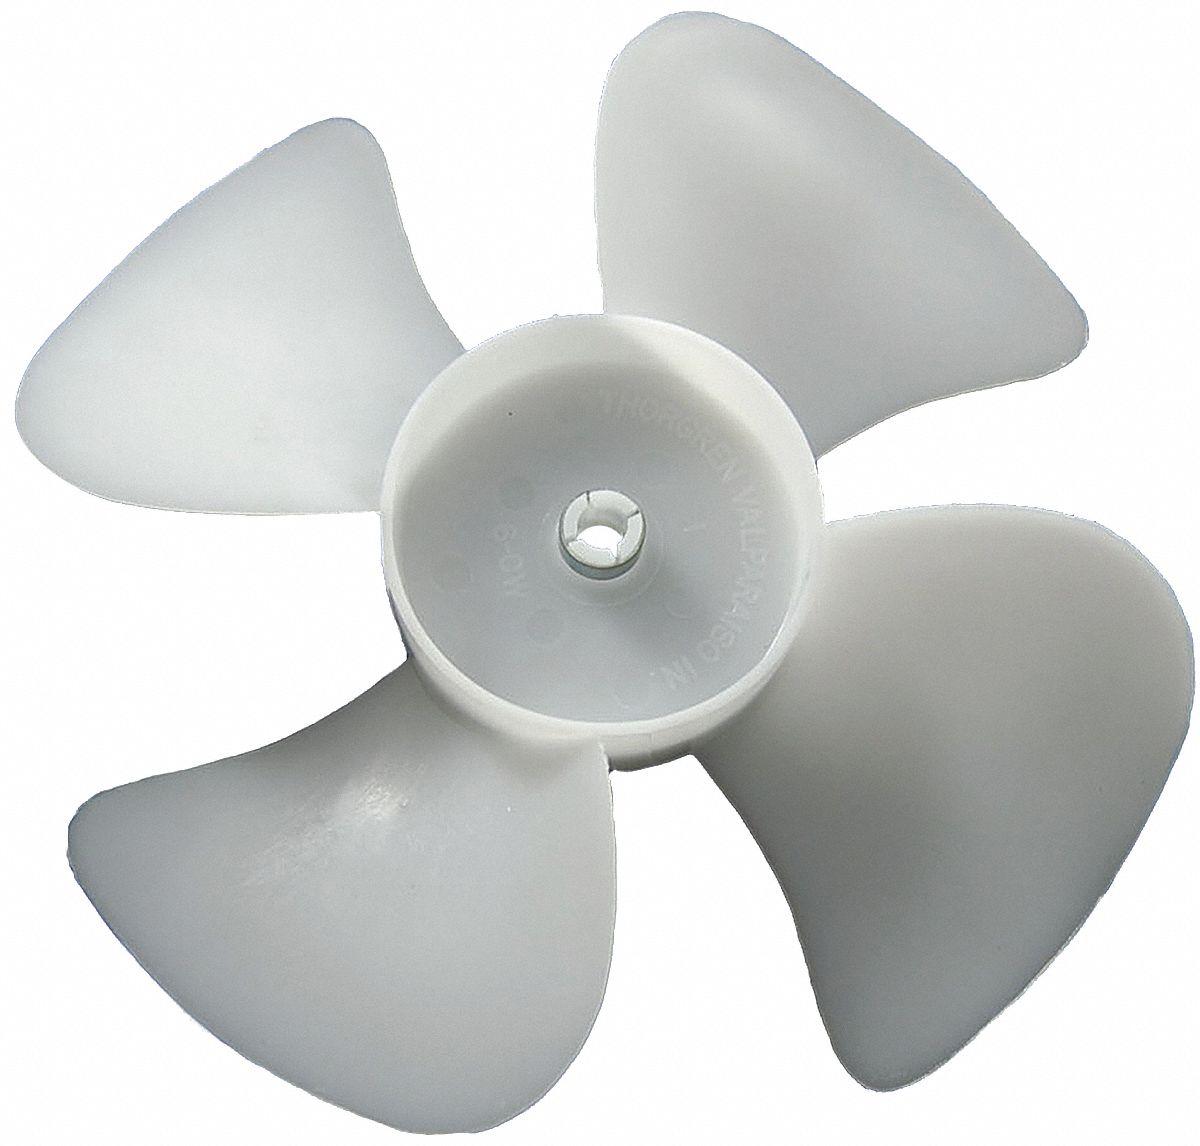 Propeller White Dayton 5JLN6 for sale online